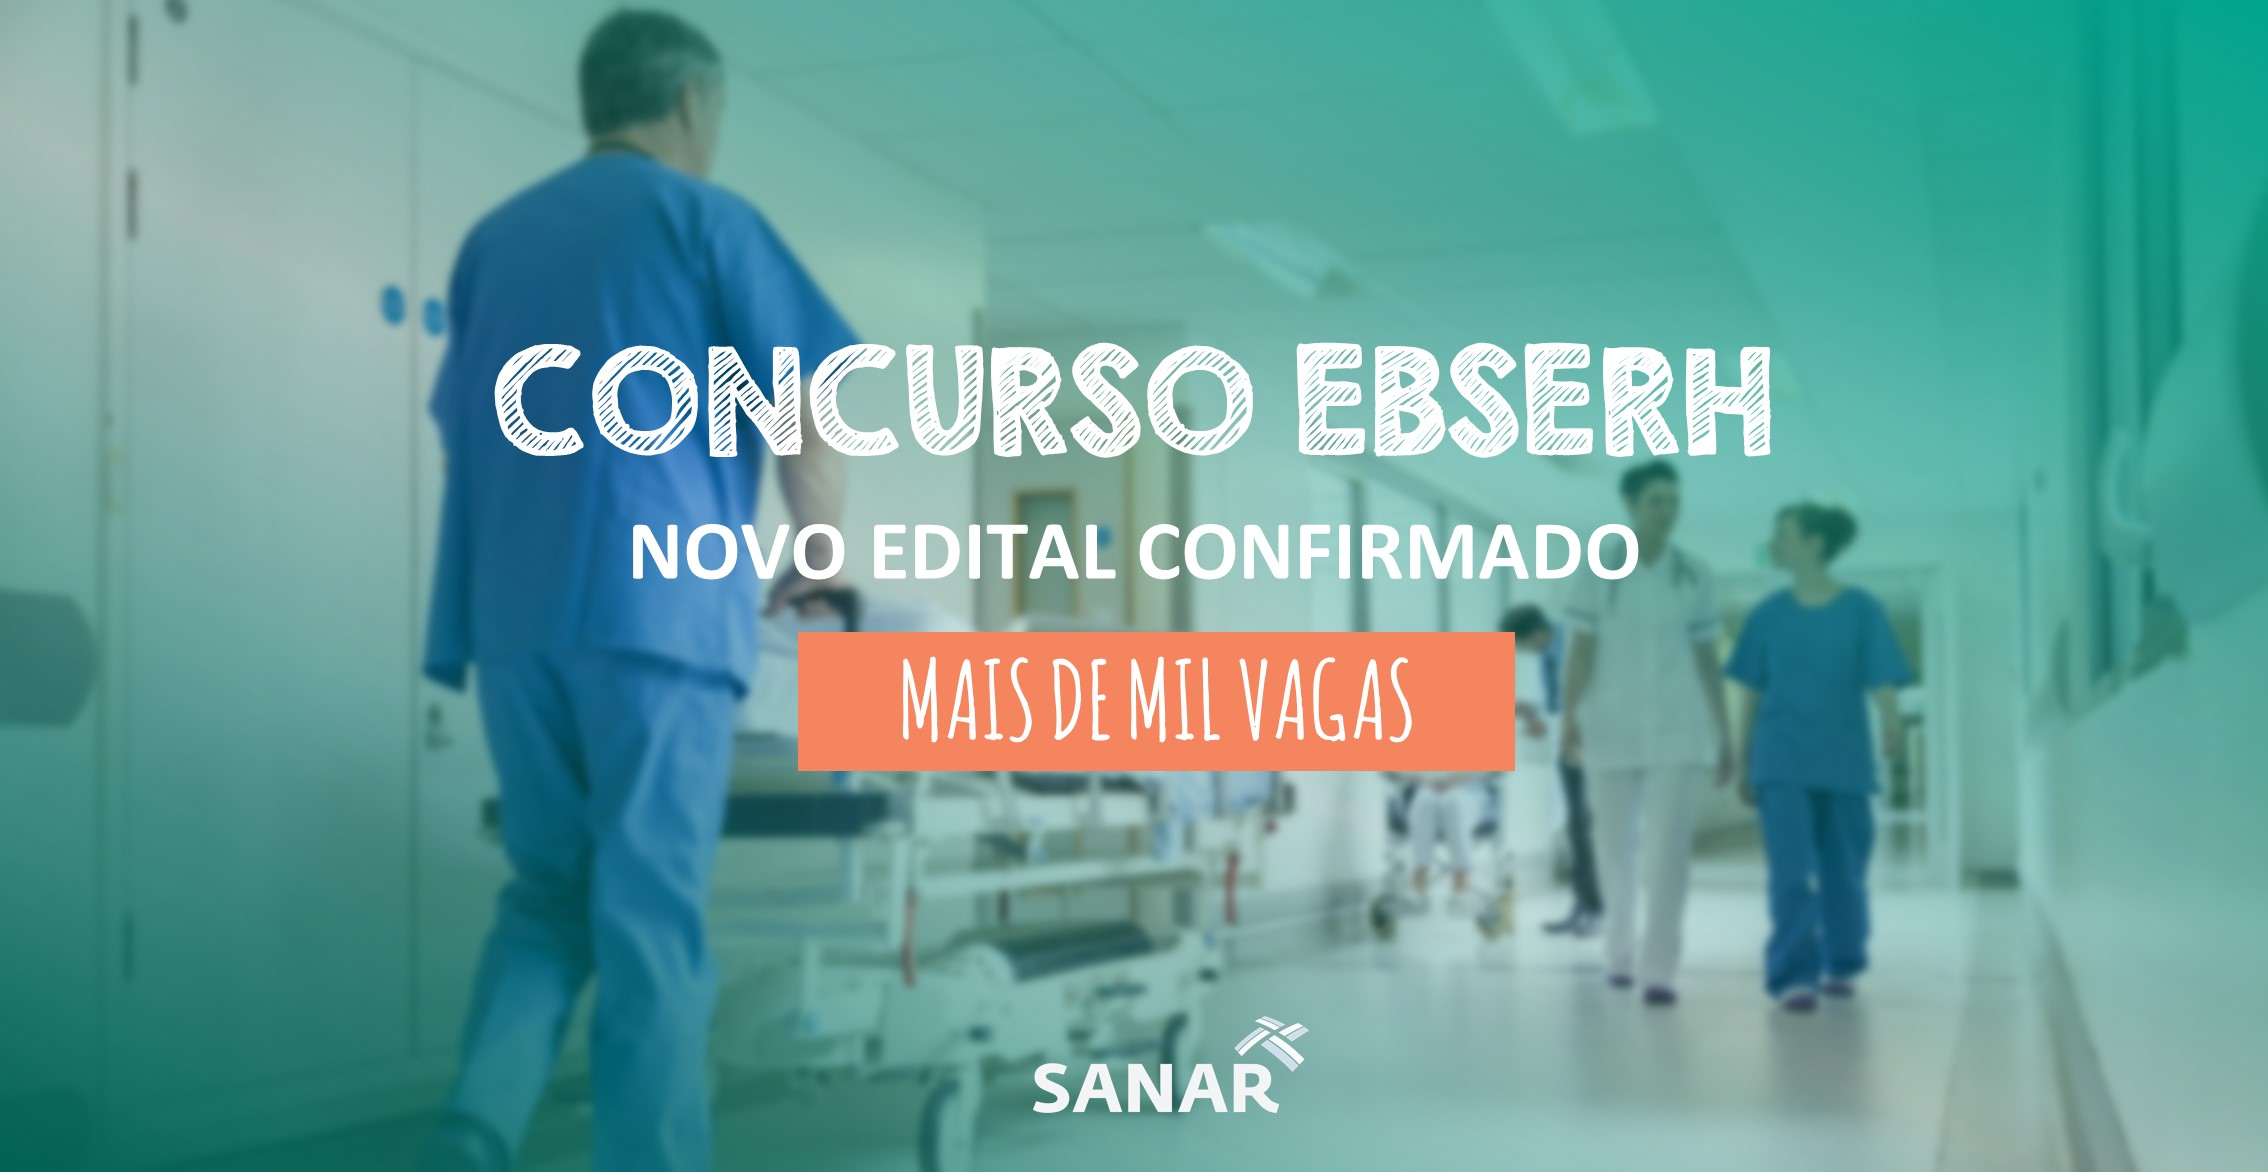 Concurso EBSERH: foi confirmado o início dos preparativos para edital que poderá ofertar mais de mil vagas!